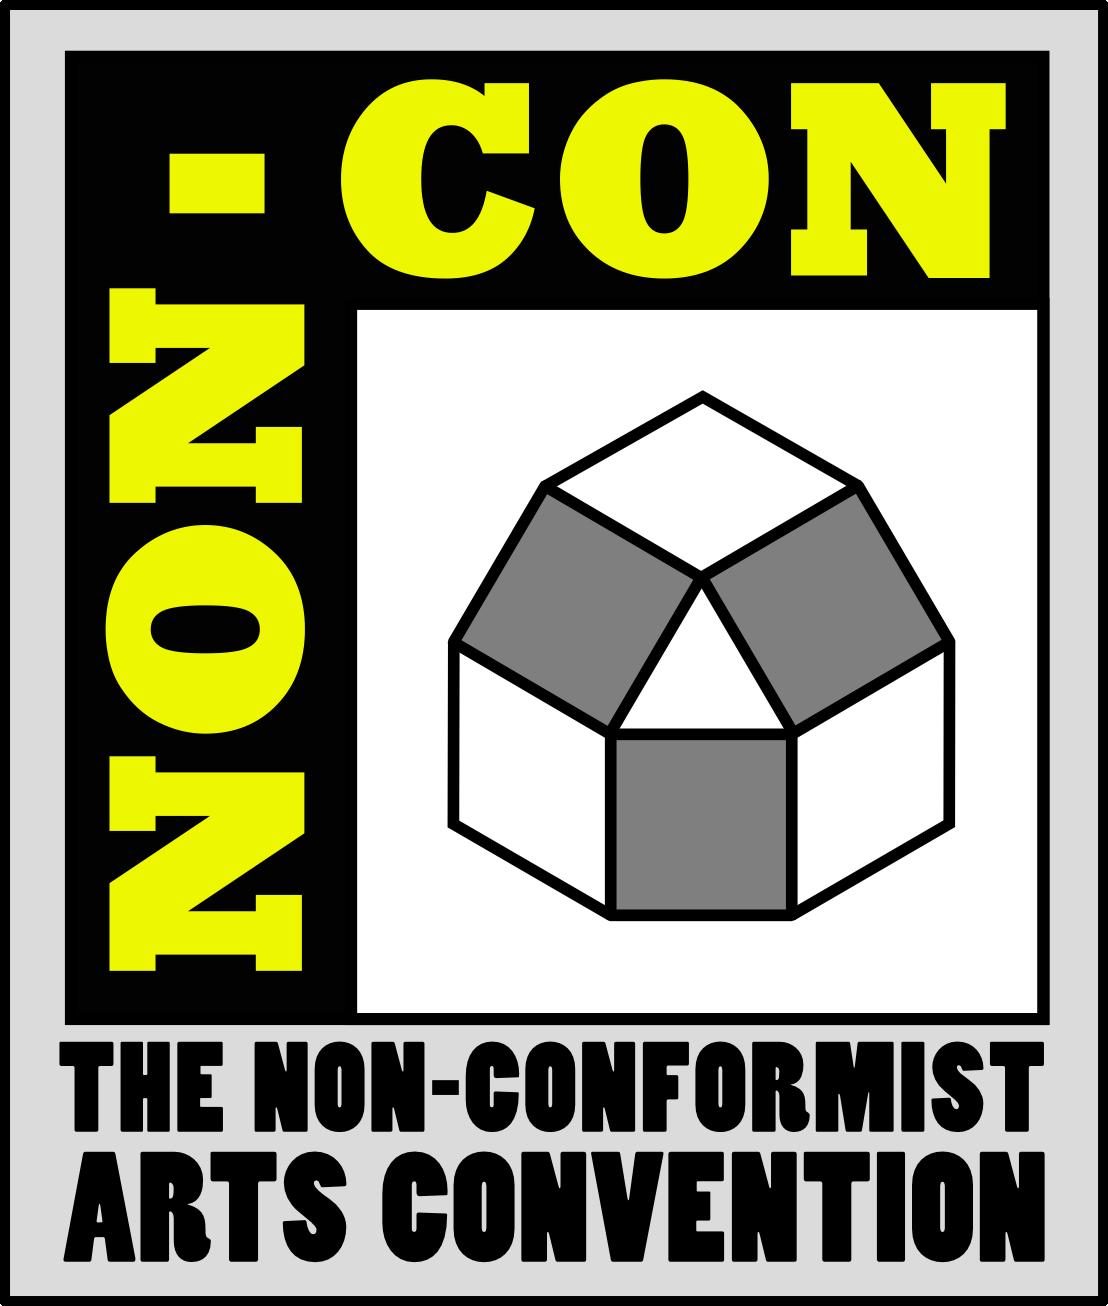 The Non-Conformist Arts Convention